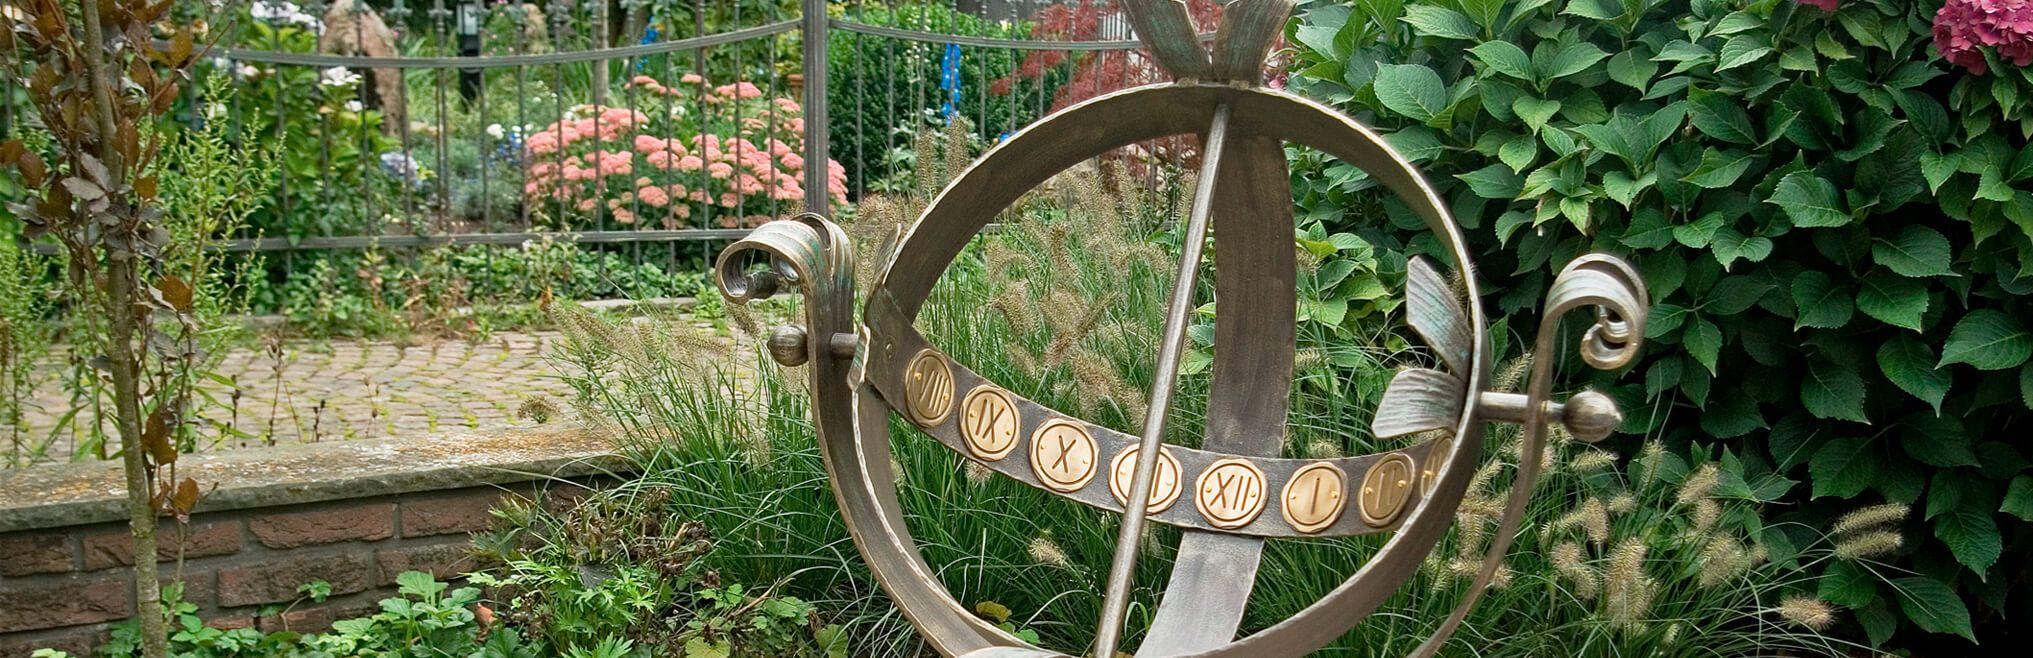 Sonnenuhren für den|br|Garten, Dekorative Sonnenuhren aus|br|Bronze, Edelstahl und Stein|br|zum einfachen aufstellen im|br|Garten. |btn|Zu den Sonnenuhren